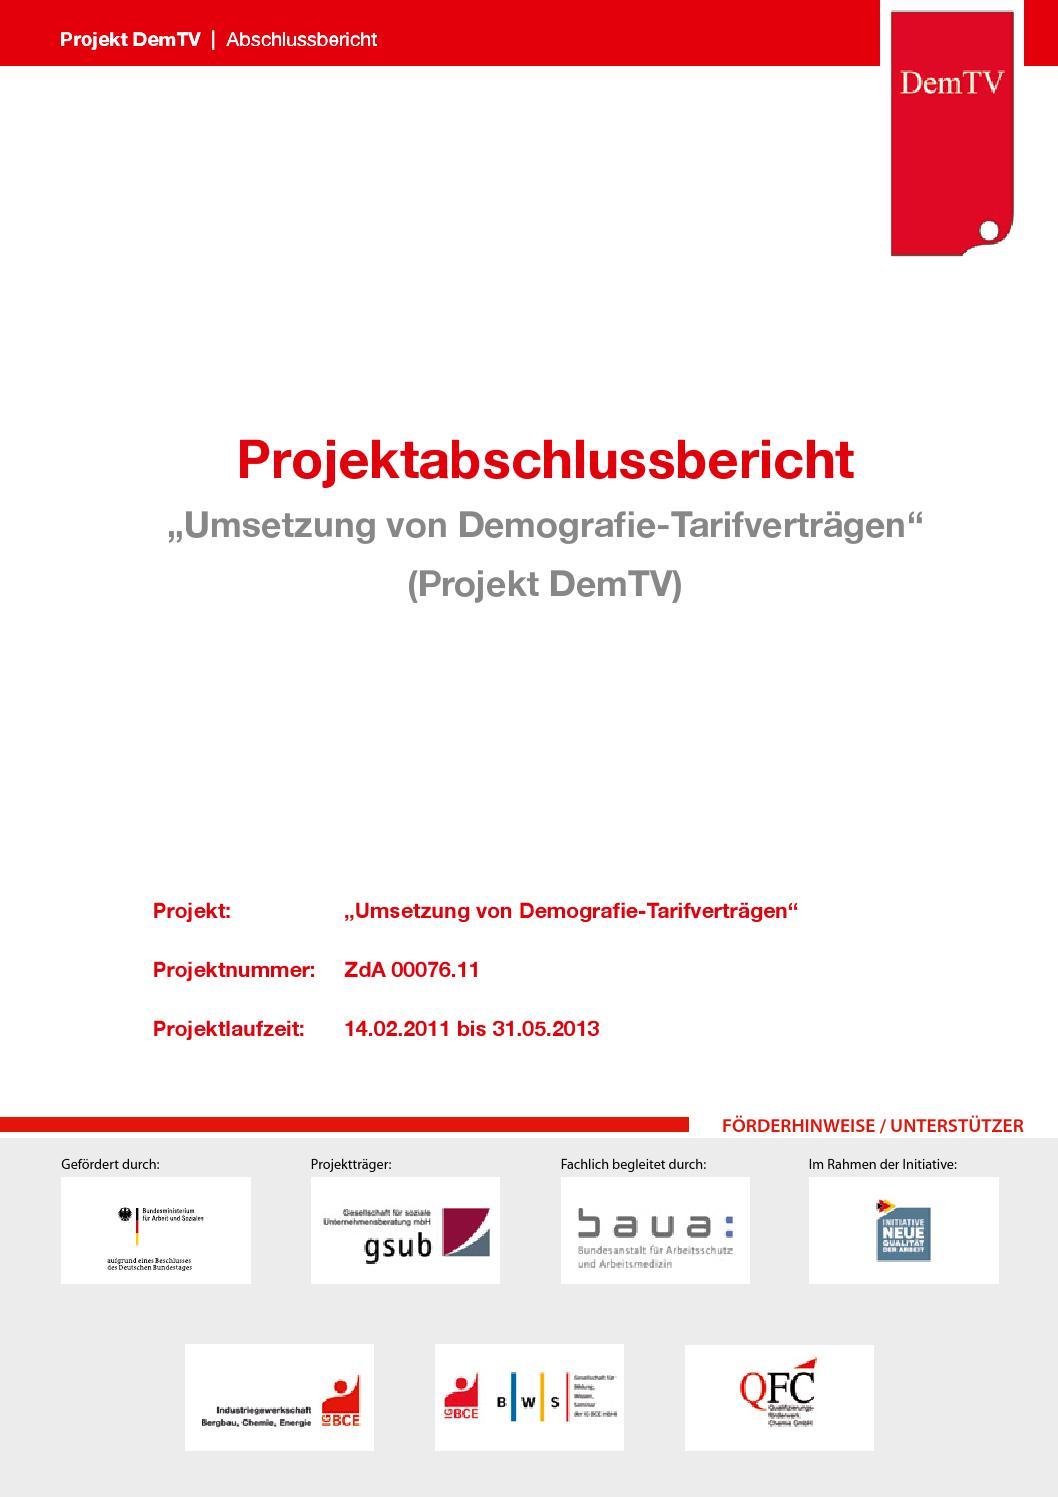 Demtv Schlussbericht 2013 by Qualifizierungsförderwerk Chemie GmbH ...